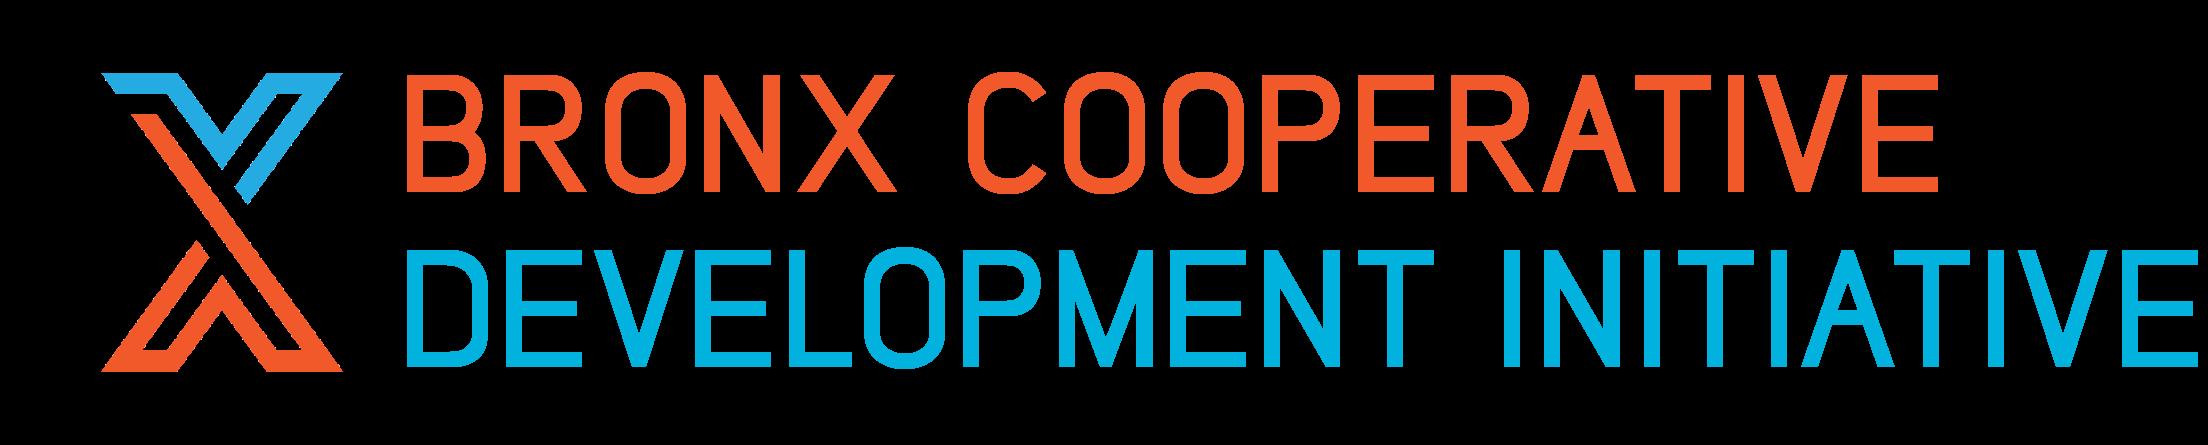 Bronx Cooperative Development Initiative